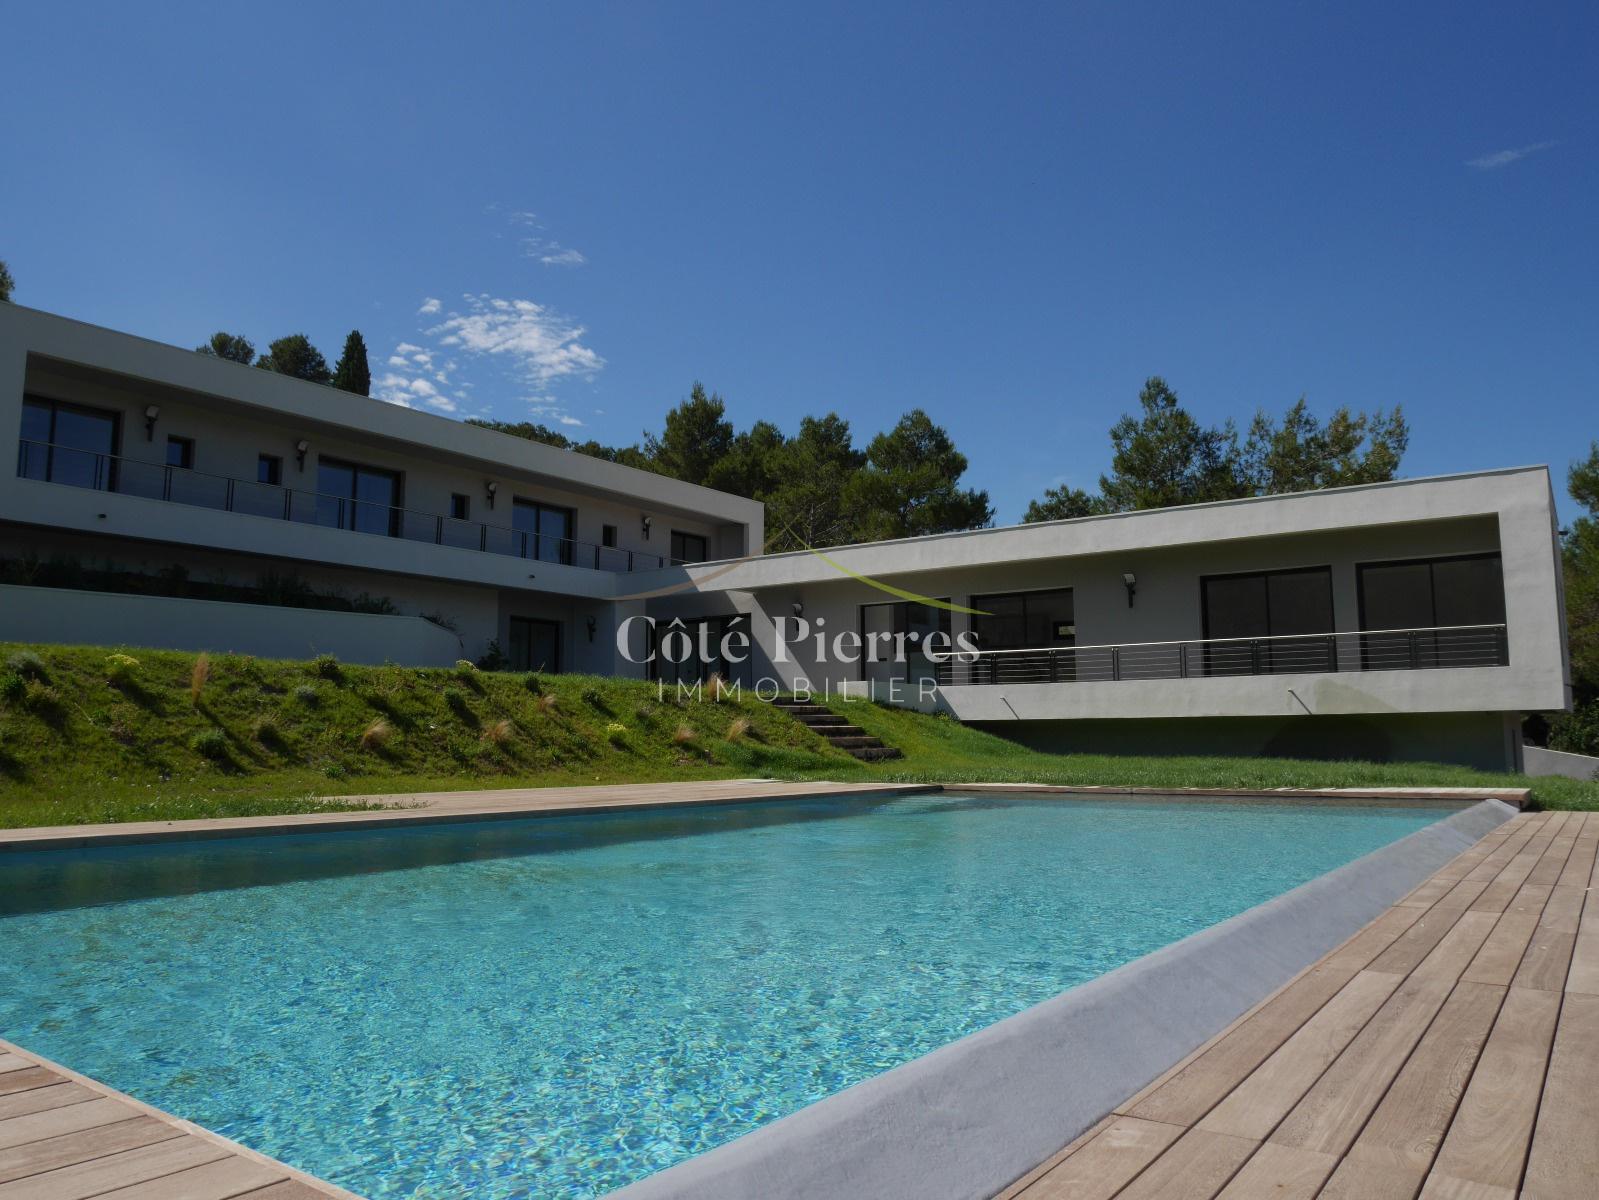 Vente appartements maisons villas nimes centre for Maison moderne nimes